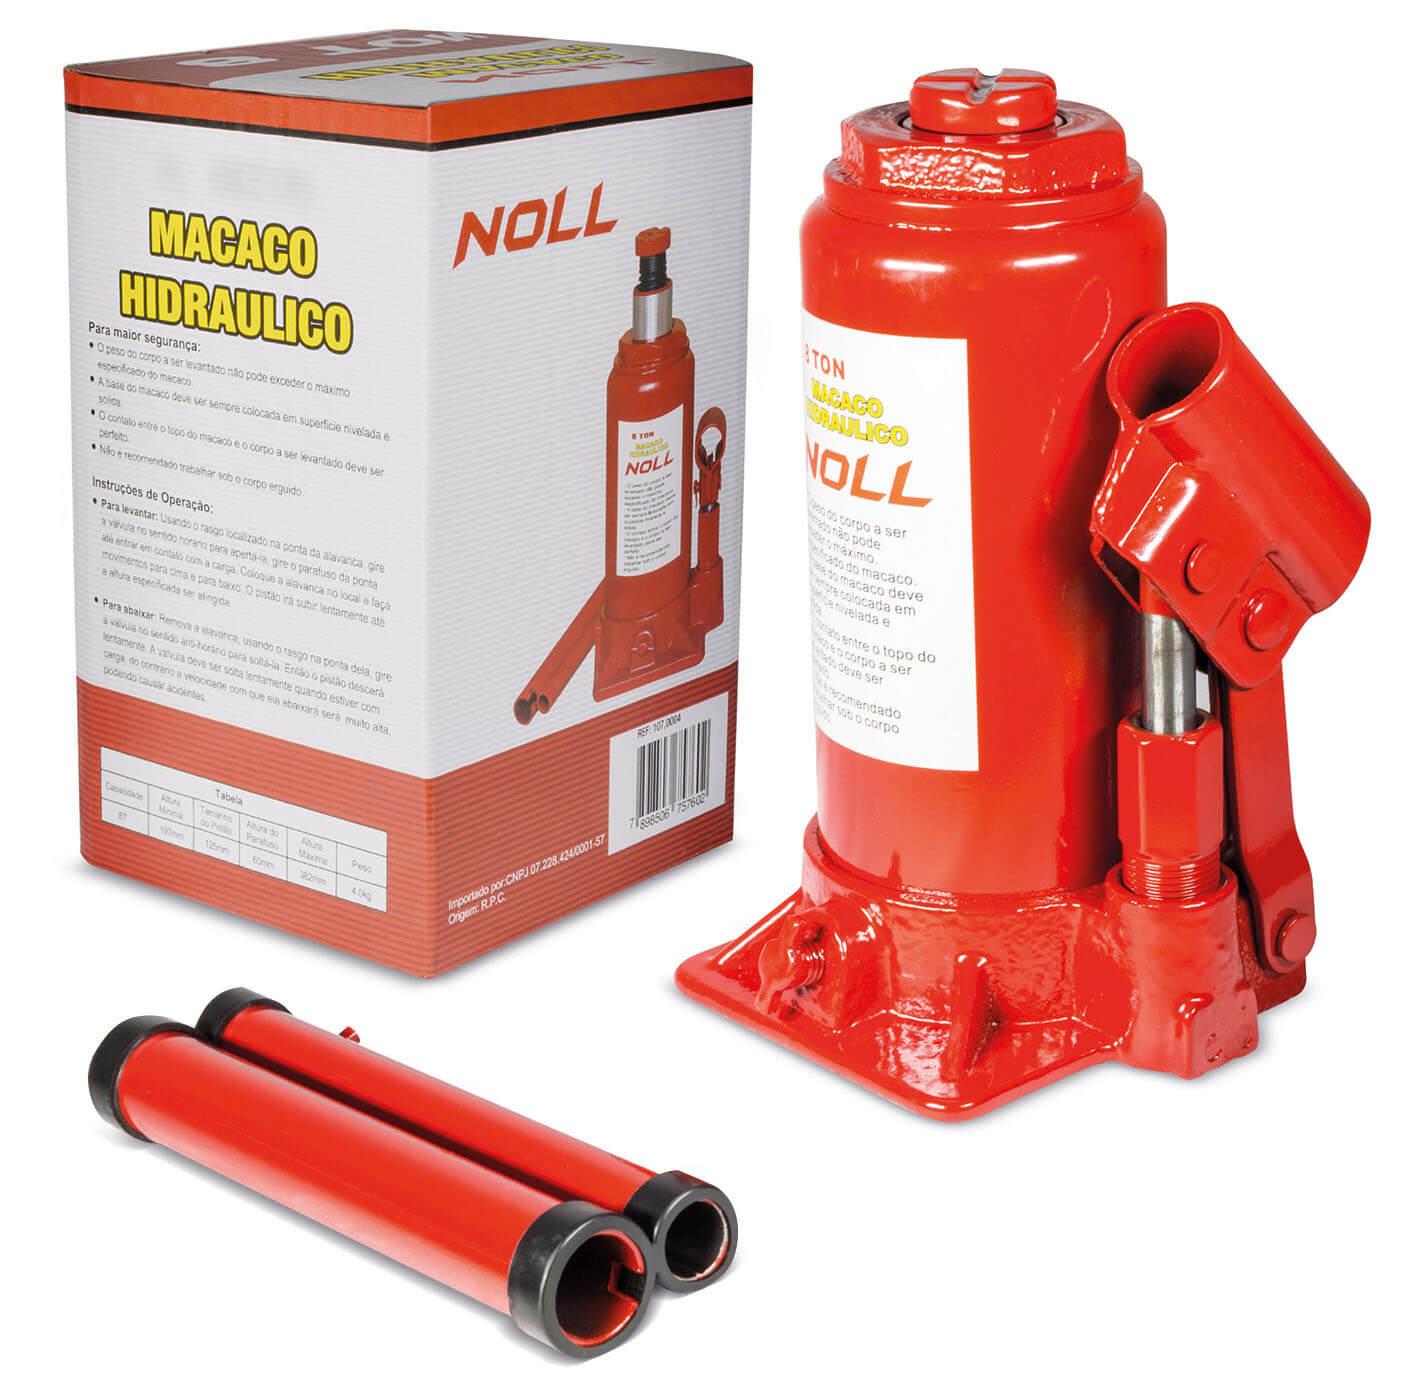 Macaco hidráulico tipo garrafa 10 toneladas - Noll